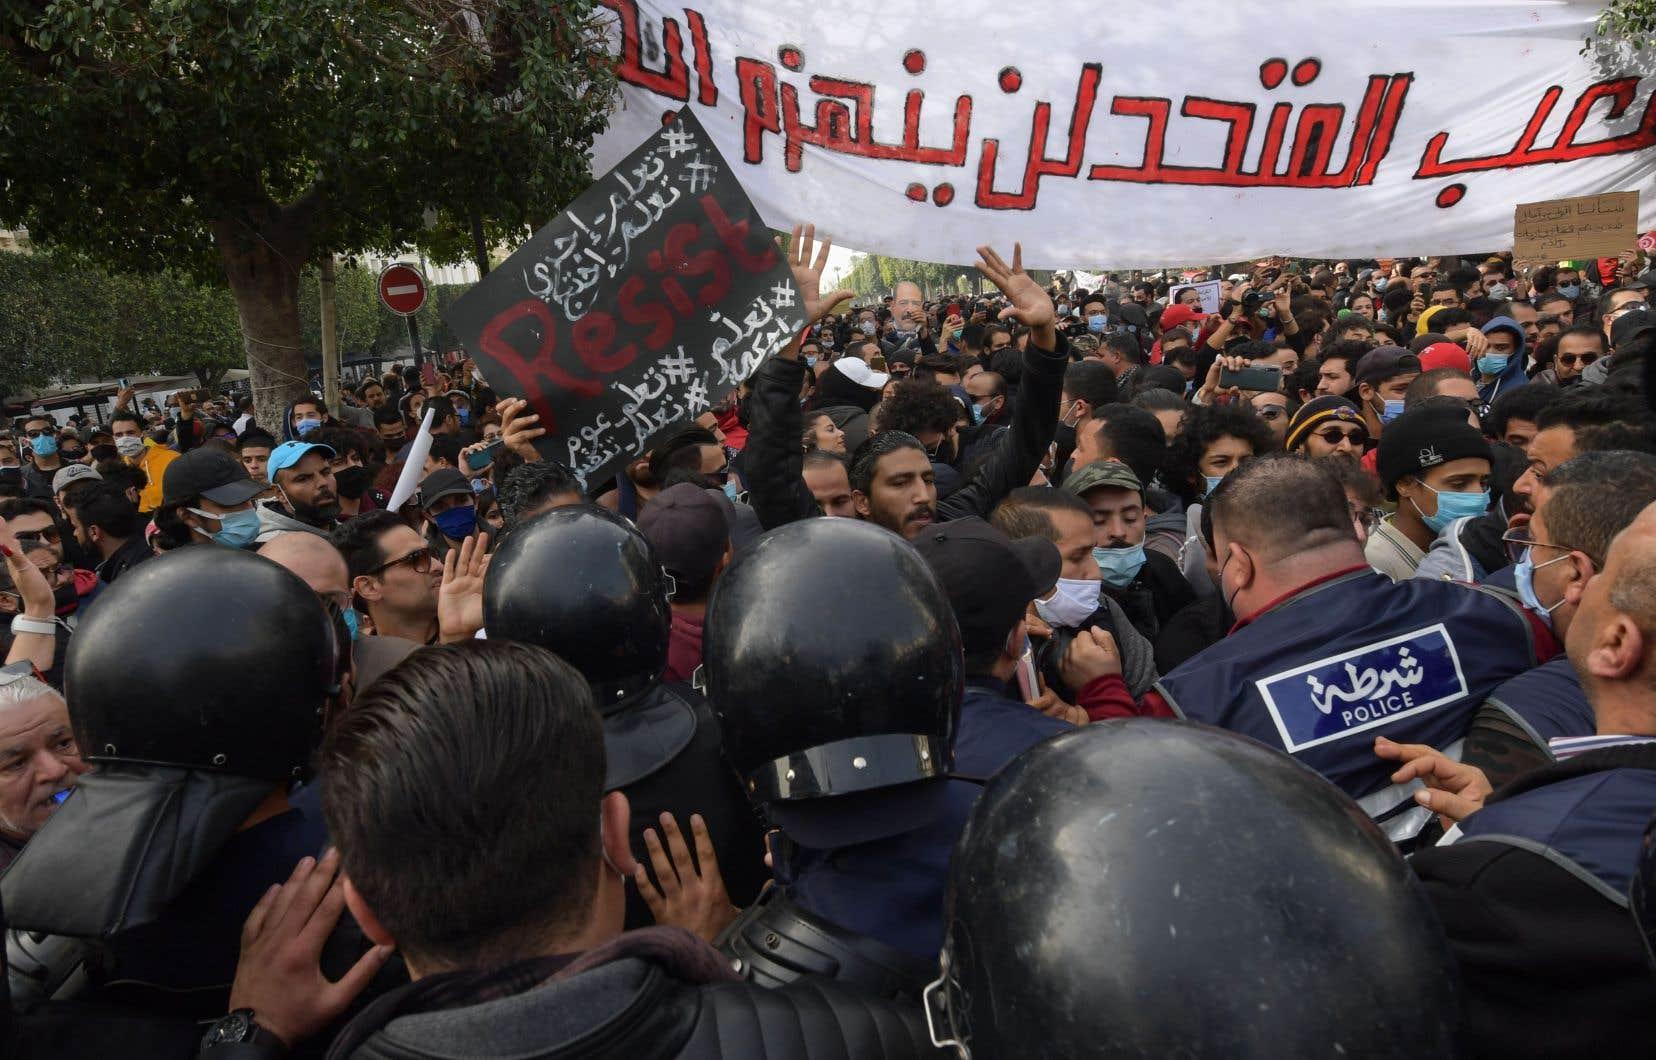 Vendredi, des dizaines d'organisations ont dénoncé des dérives policières et appelé à sanctionner les débordements de syndicats de policiers qui ont menacé des manifestants antisystème.